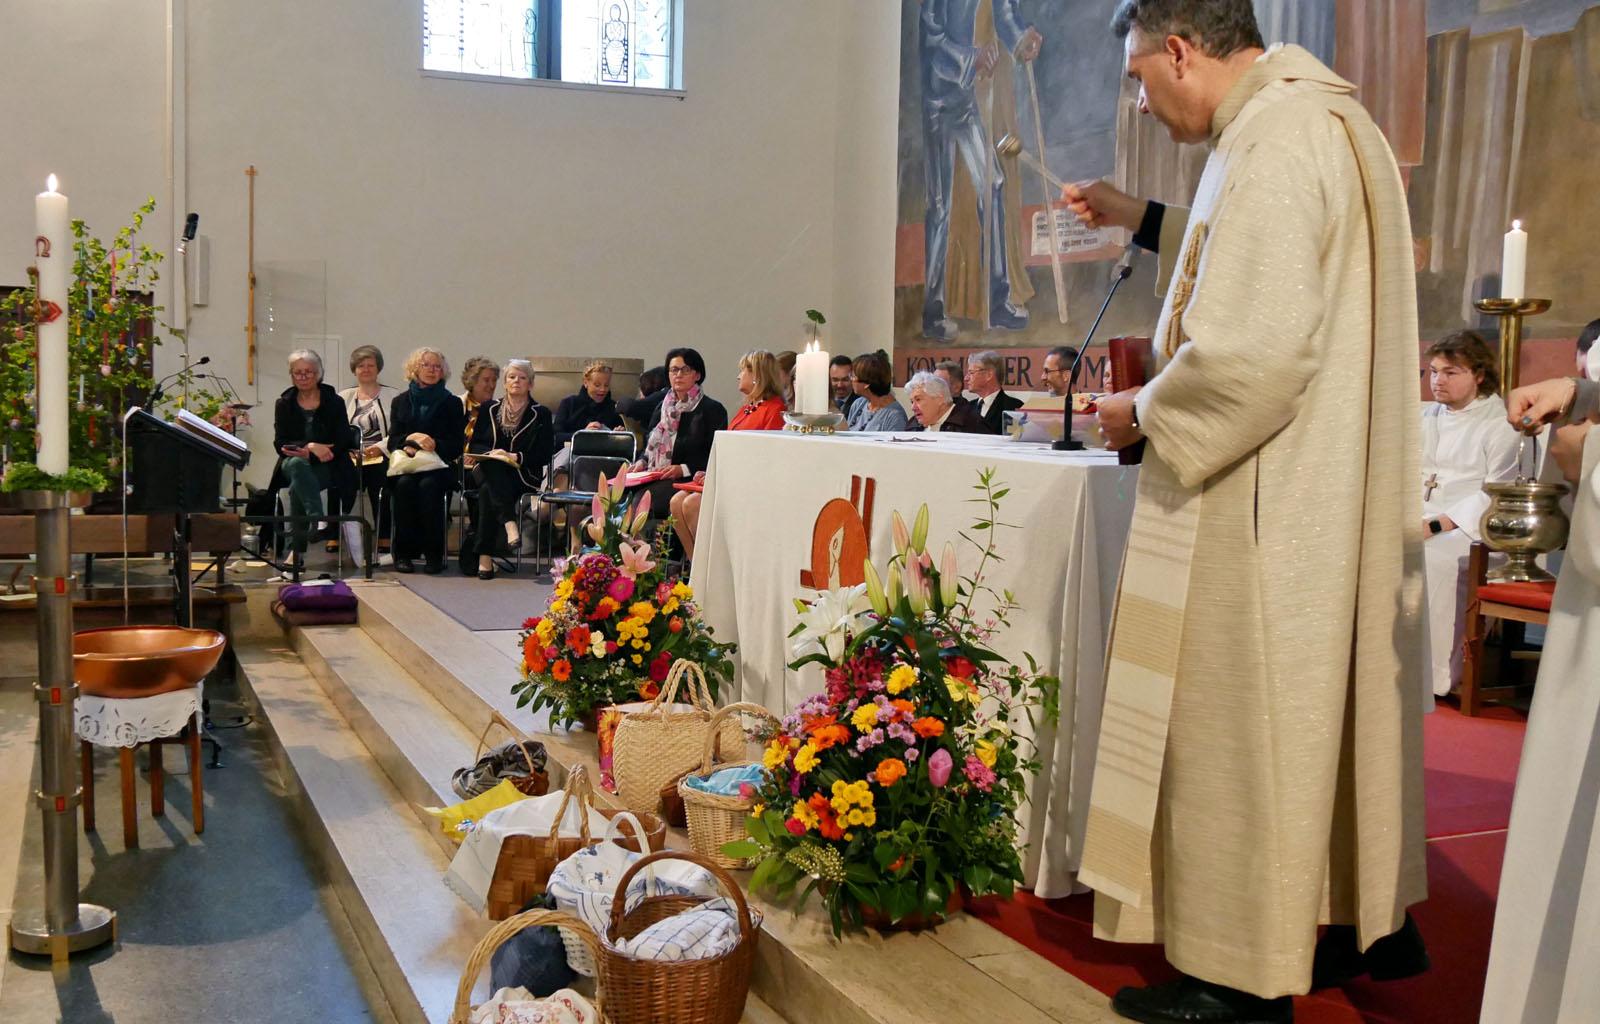 Ostersonntag, Auferstehungsfeier. Speisenweihe am Ende der Messe.